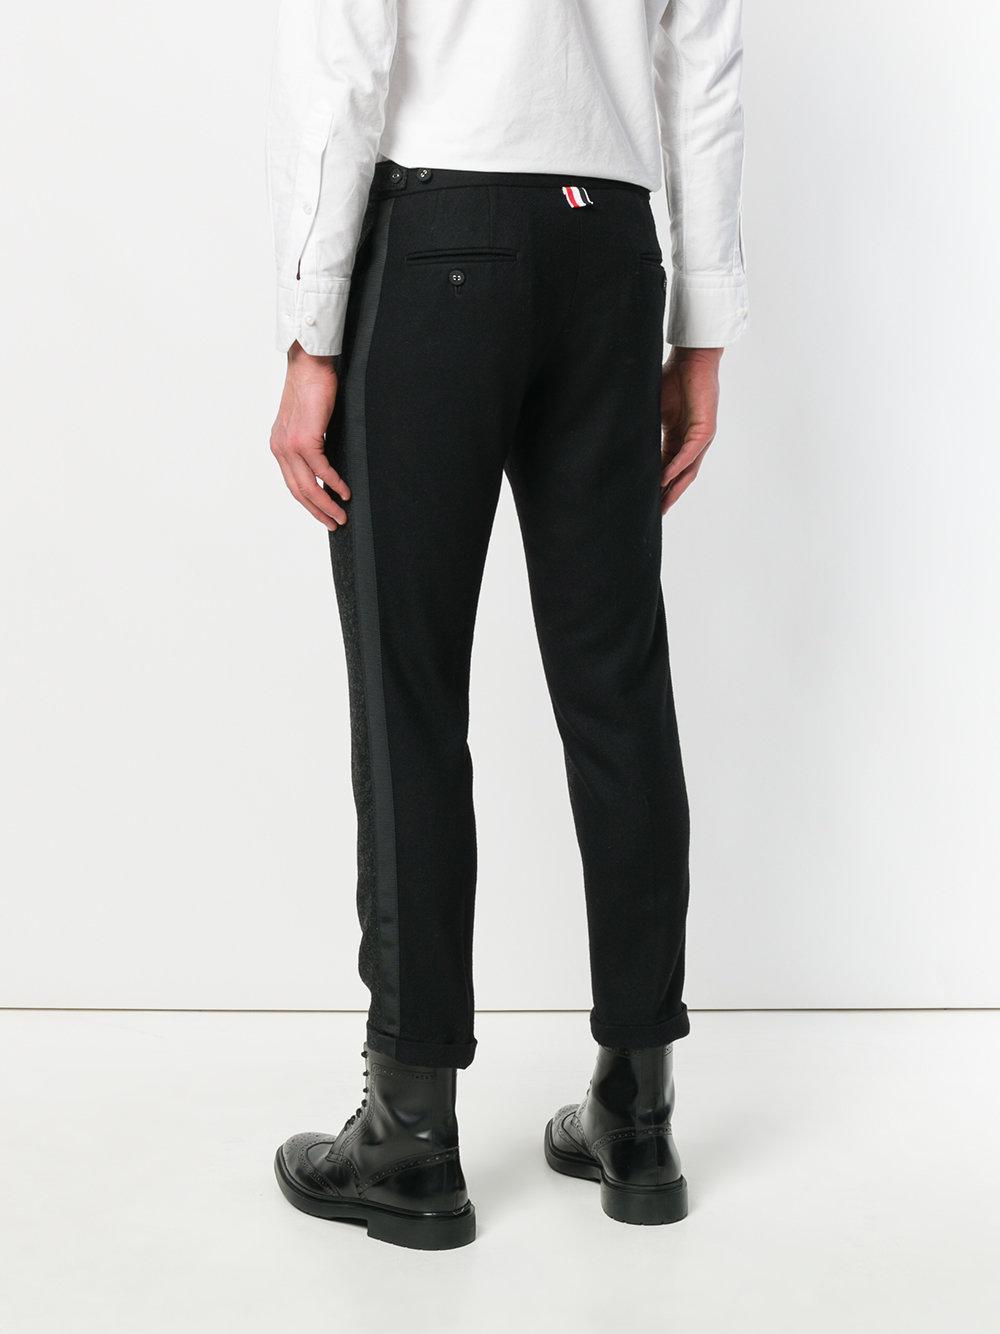 Grosgrain-Tipped Bicolor Skinny Trouser In Shetland Wool - Grey Thom Browne zHceKp68